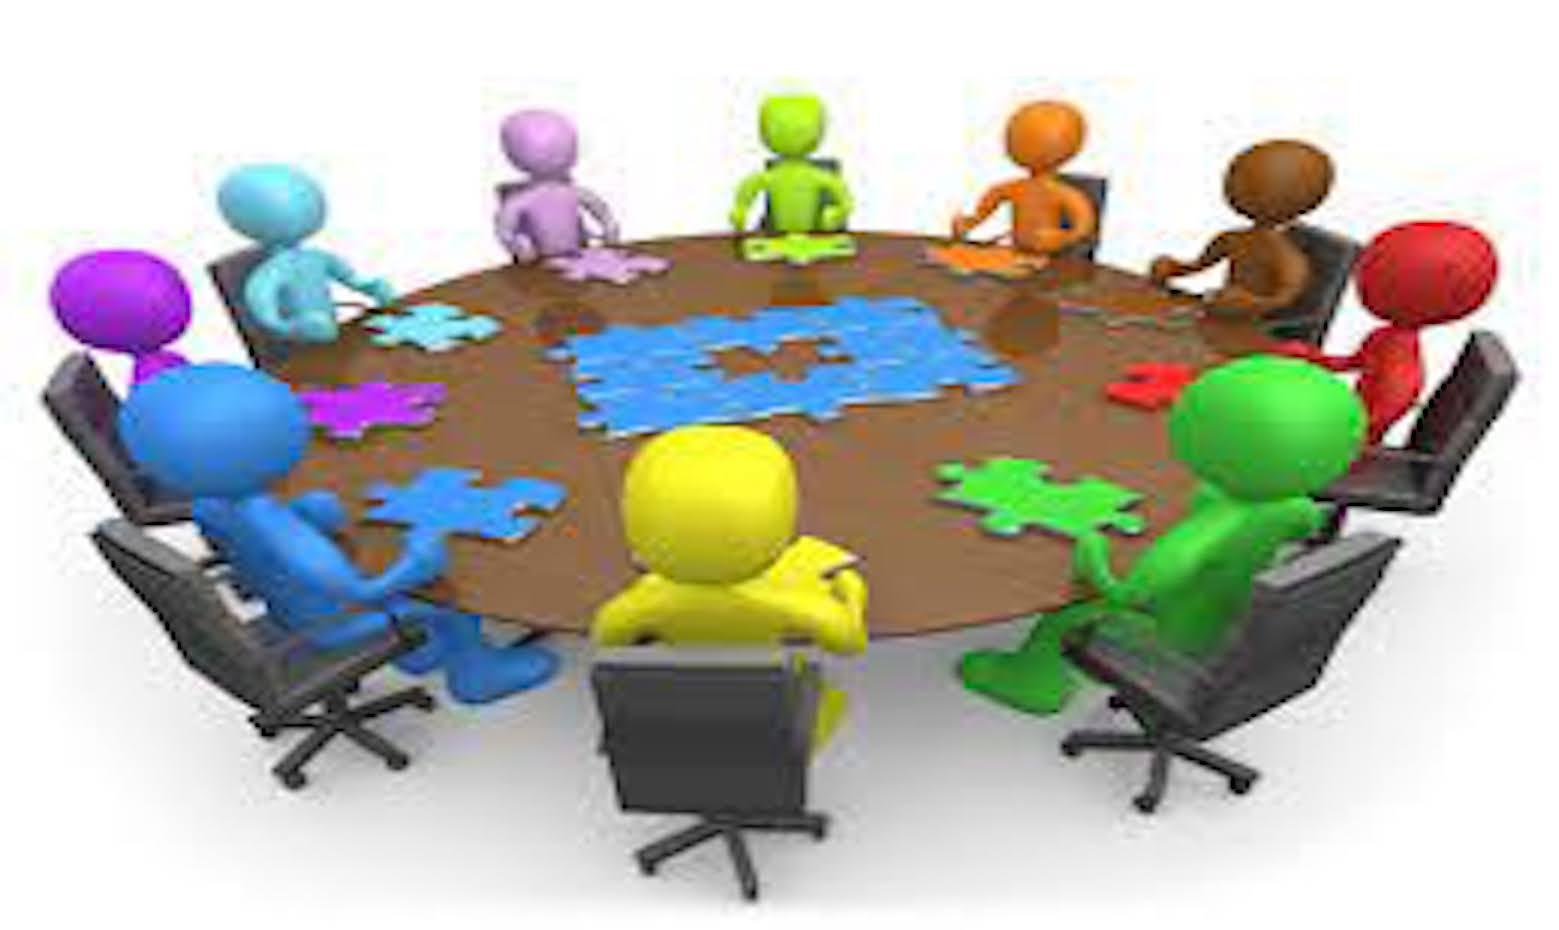 Phân tích các ưu điểm và nhược điểm của công ty hợp danh